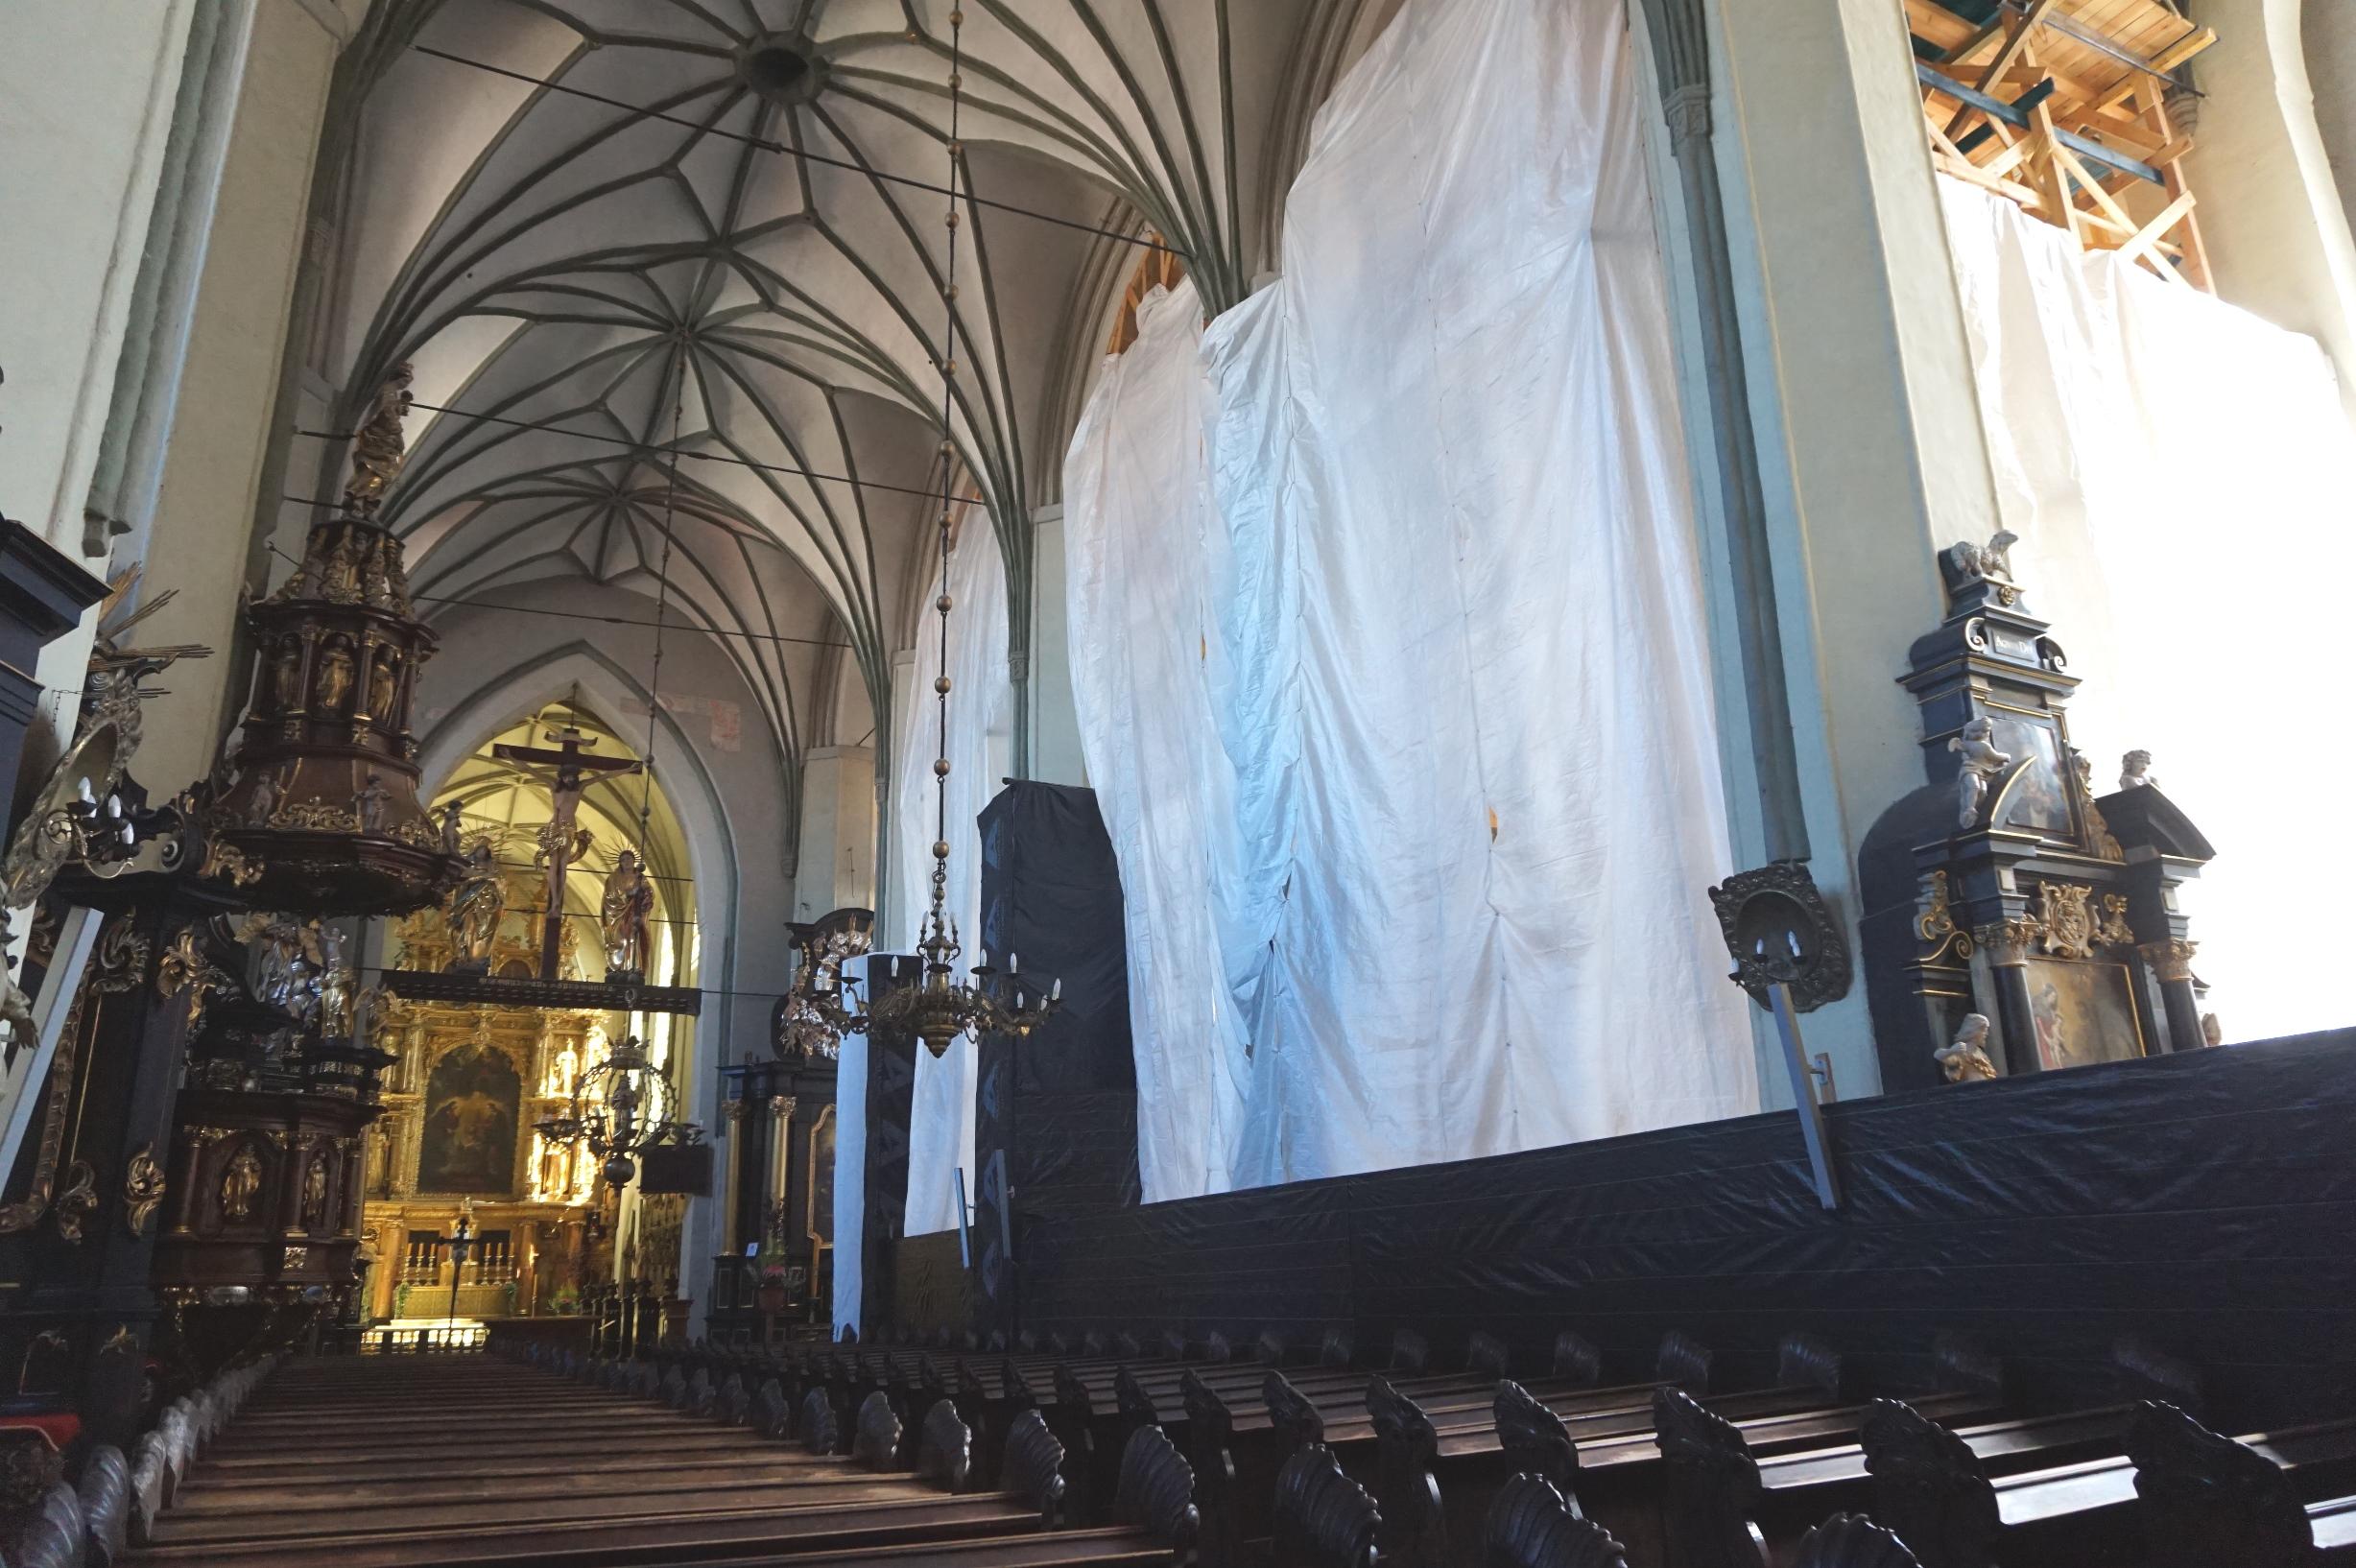 Gdańscy dominikanie zapraszają na ponowne otwarcie bazyliki św. Mikołaja